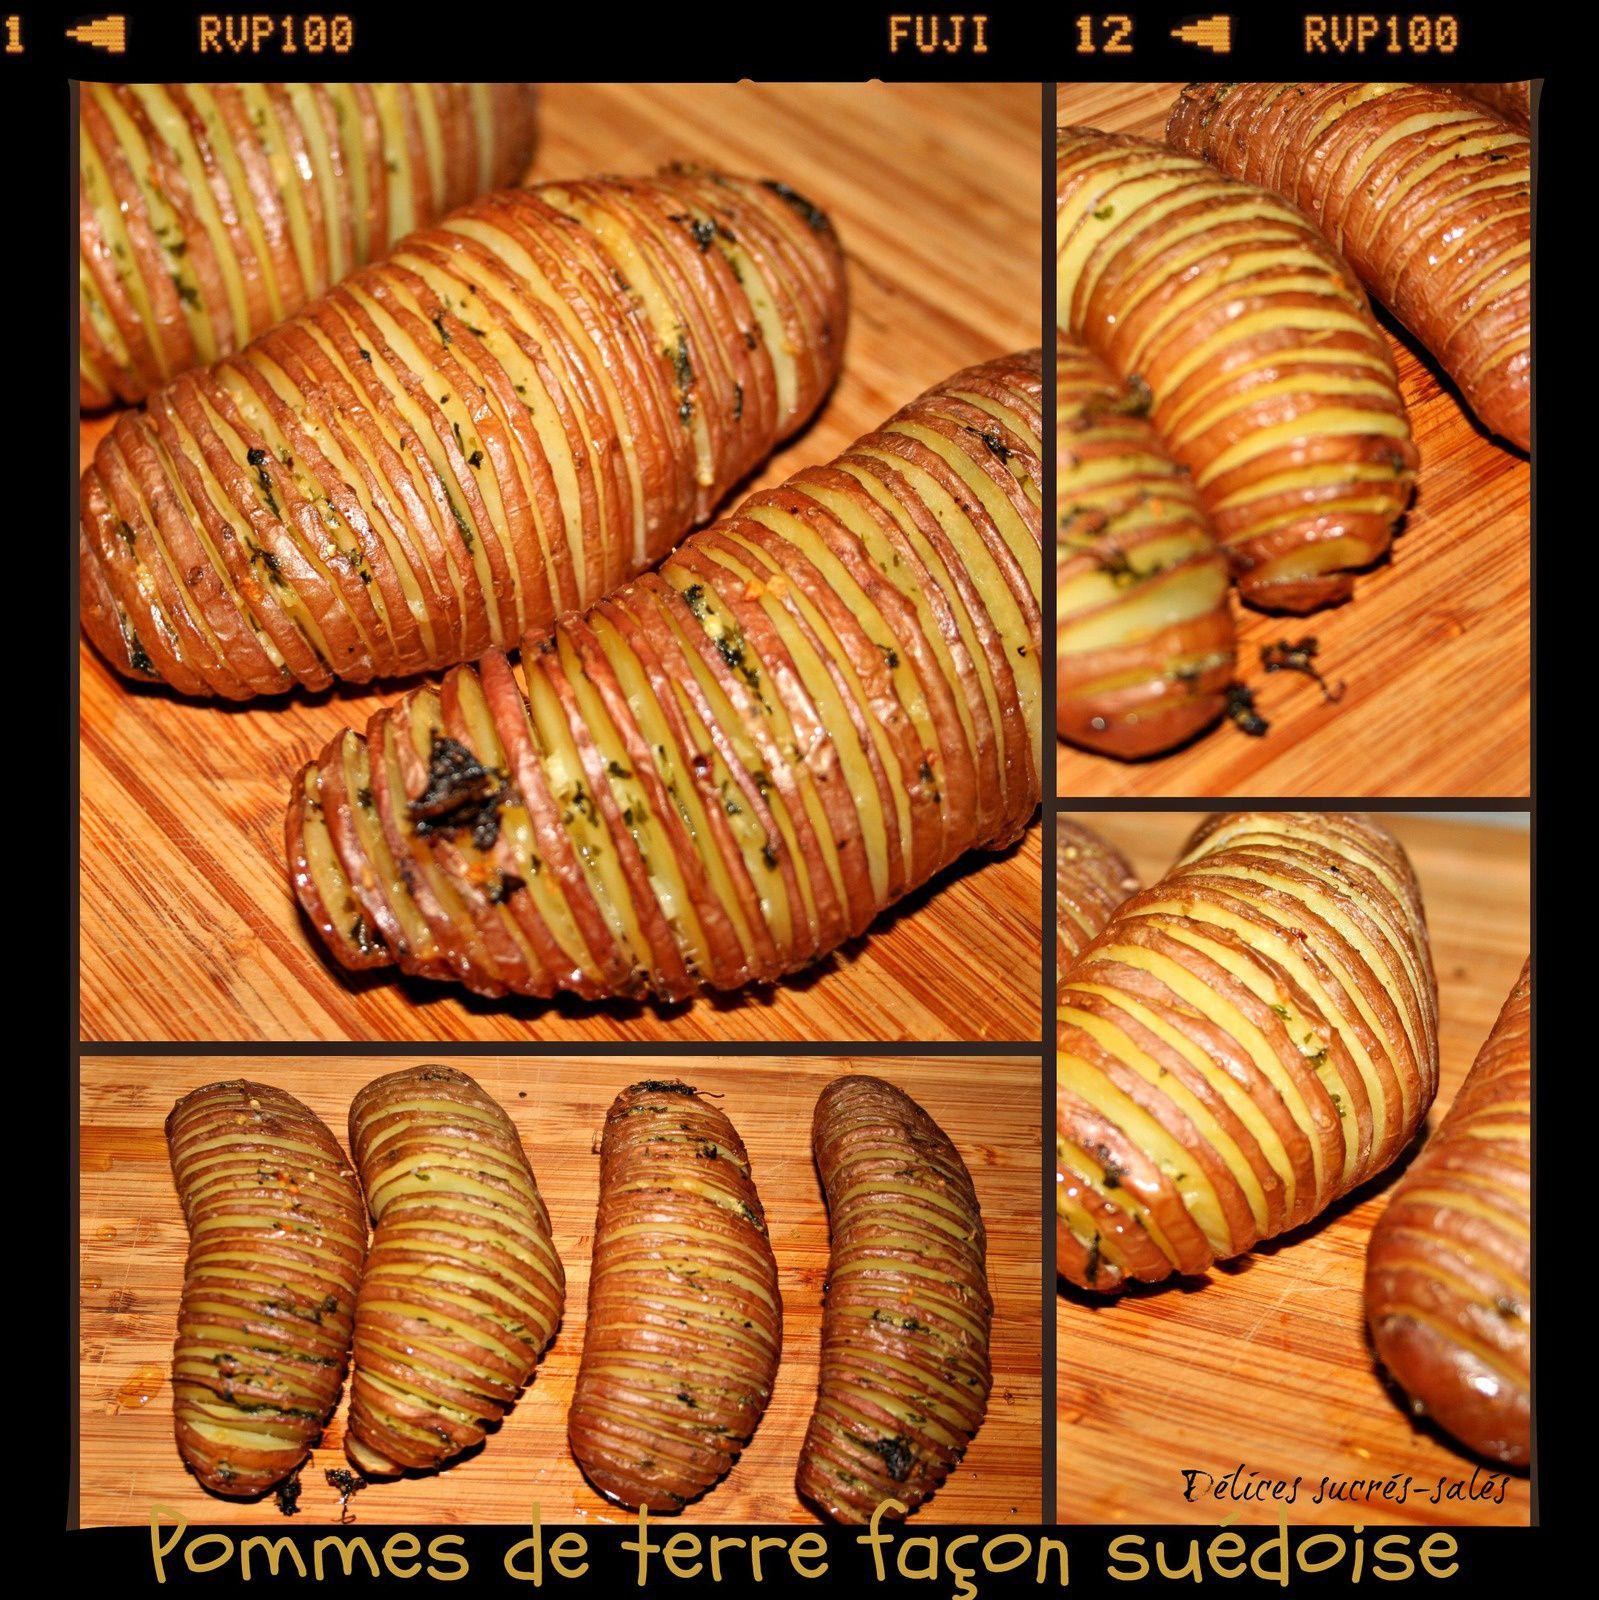 Pommes de terre façon suédoise